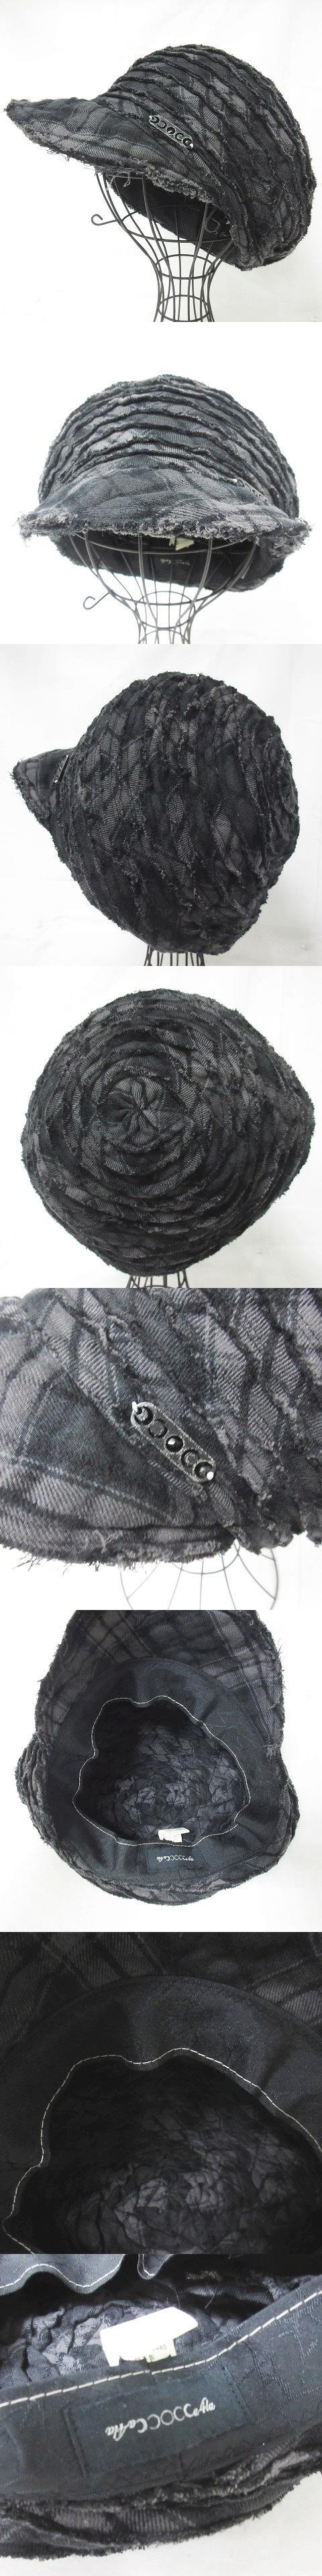 美品 キャスケット キャップ ハンチング 帽子 ビジュー 畝 チェック グレー 黒 F 1110